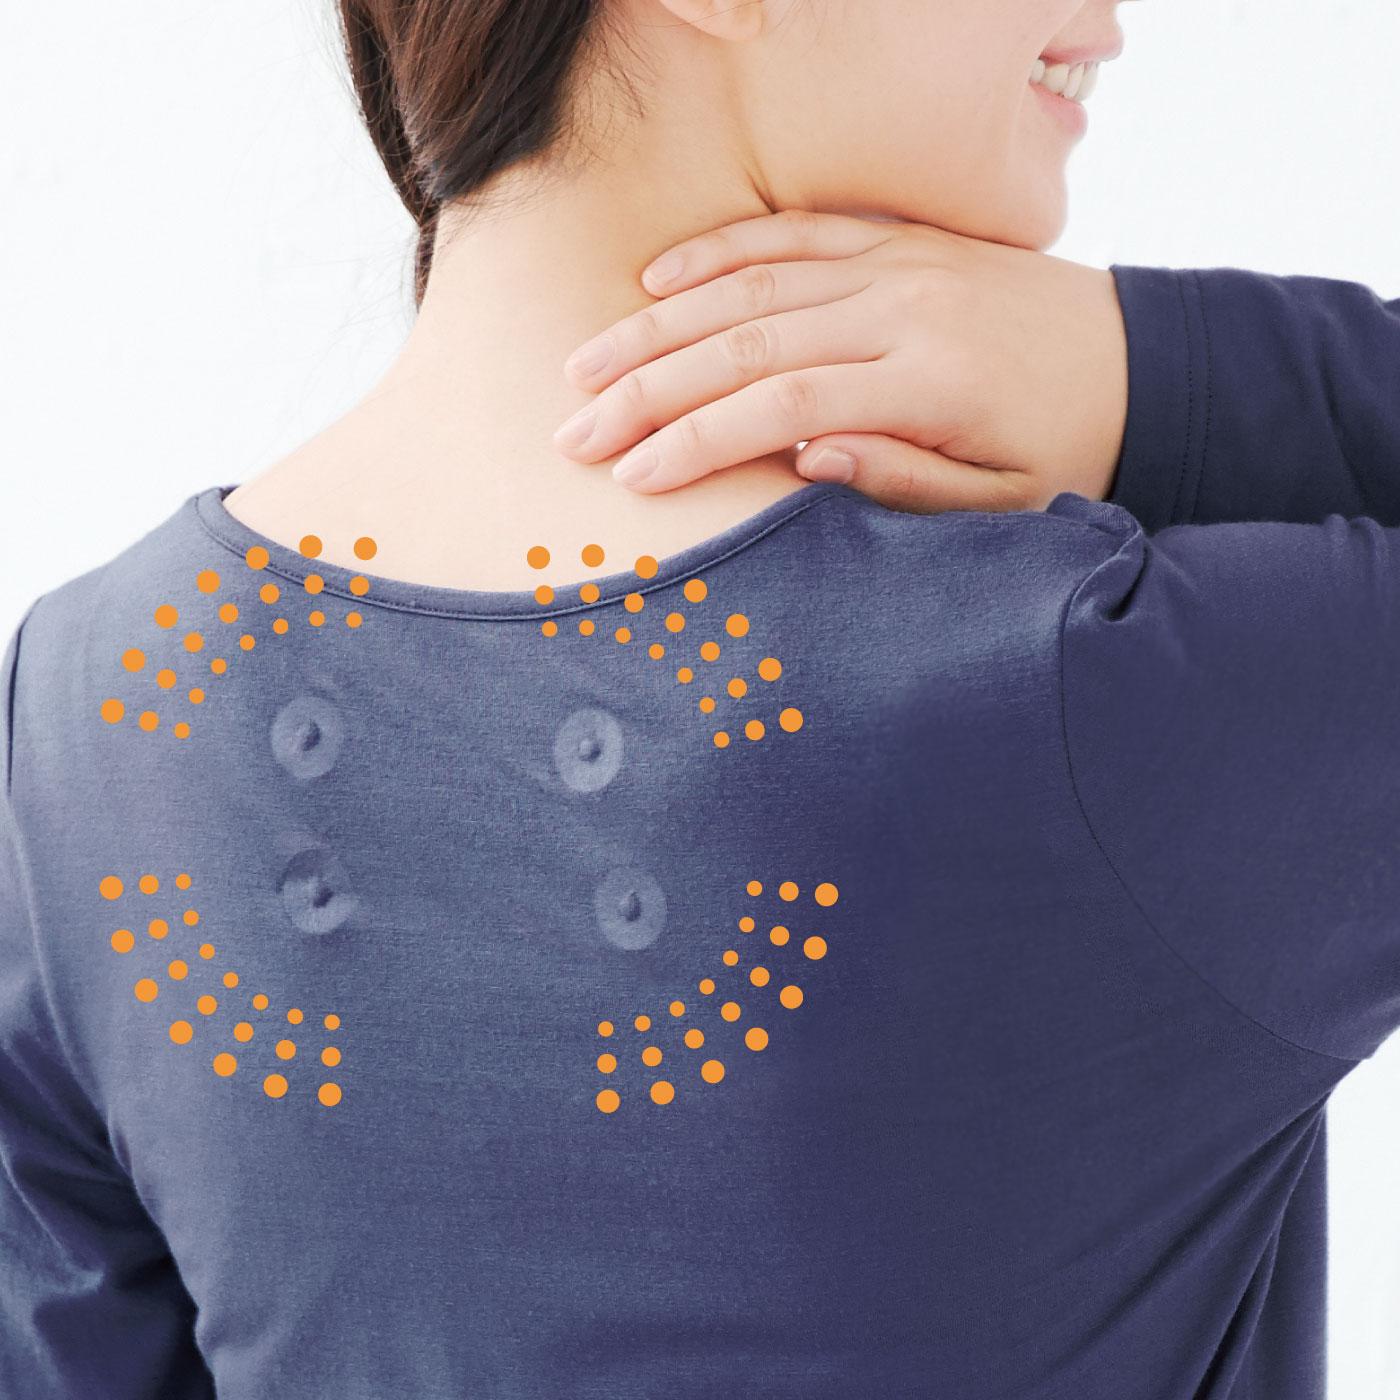 肩甲骨まわりに付いた磁石がじわじわ~っとコリをほぐします。